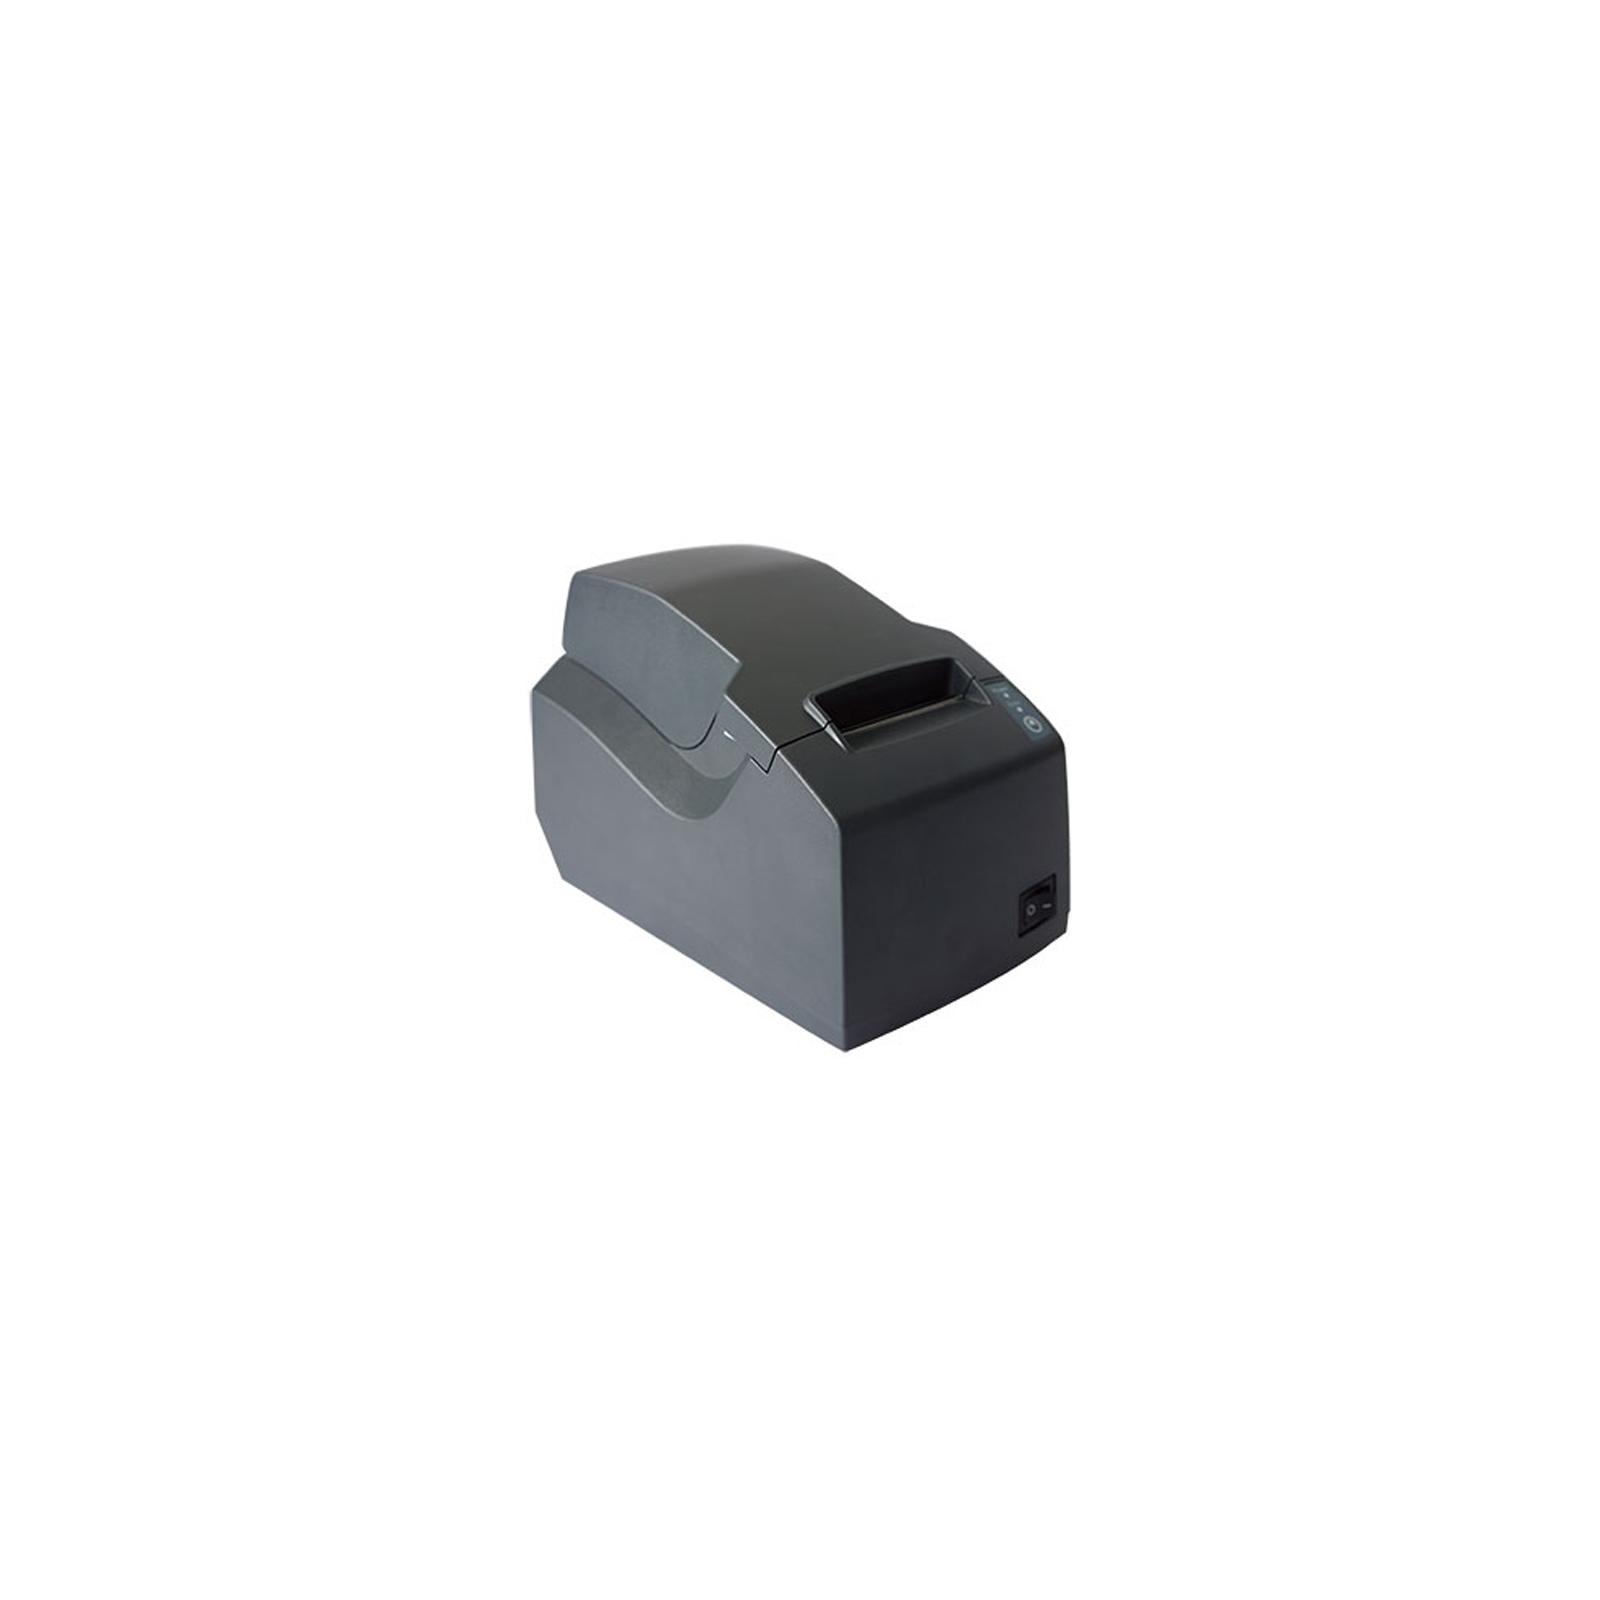 Принтер чеков HPRT PPT2-A (9551) изображение 3